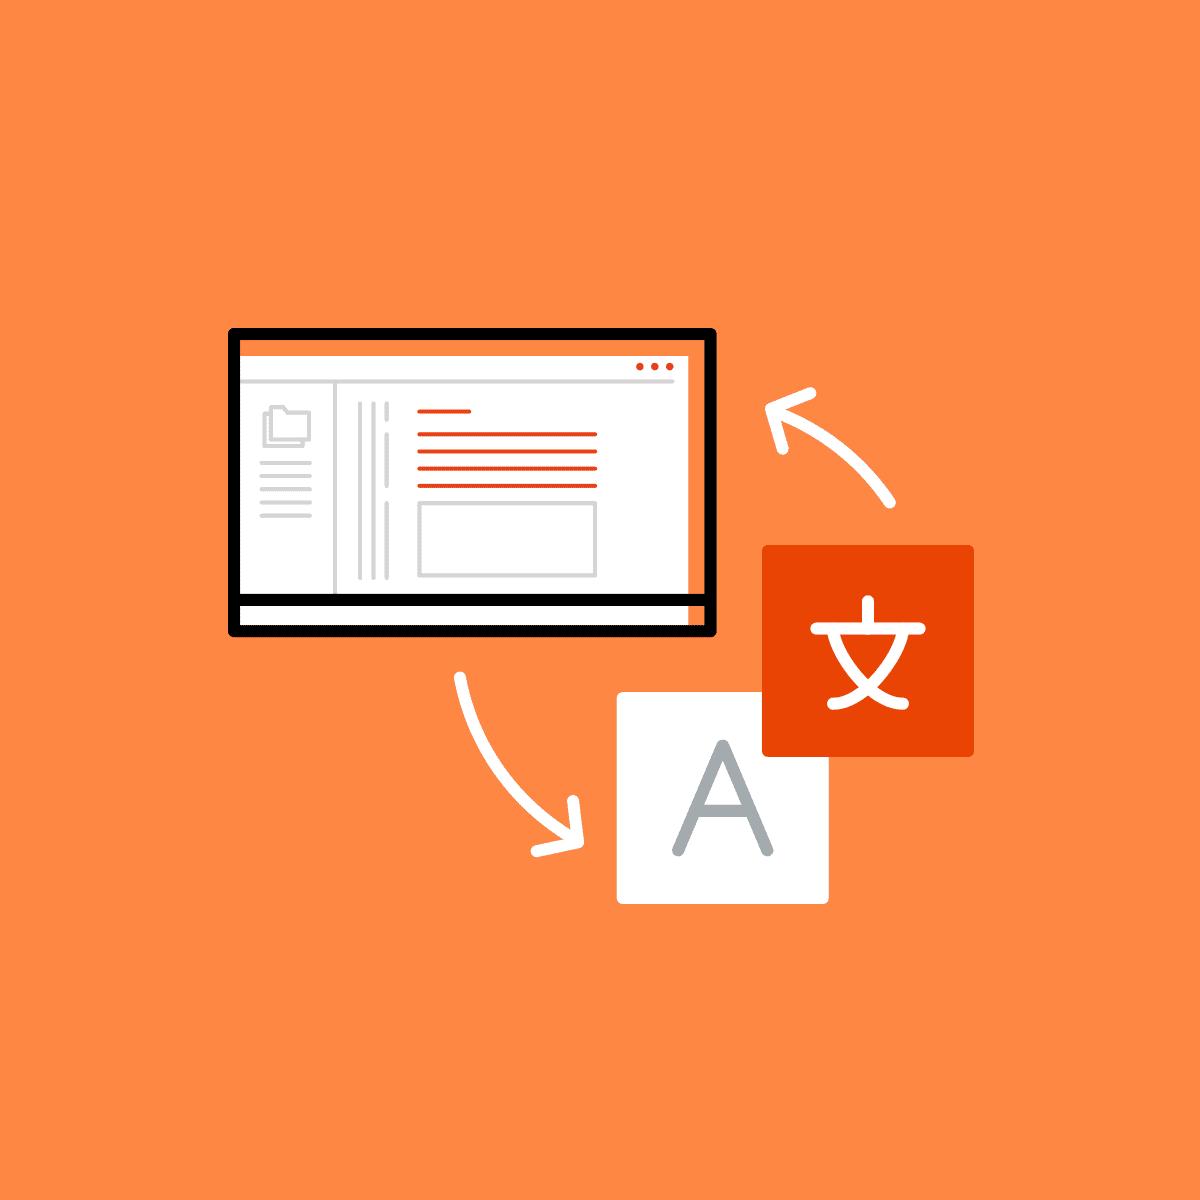 translating documentation and UI